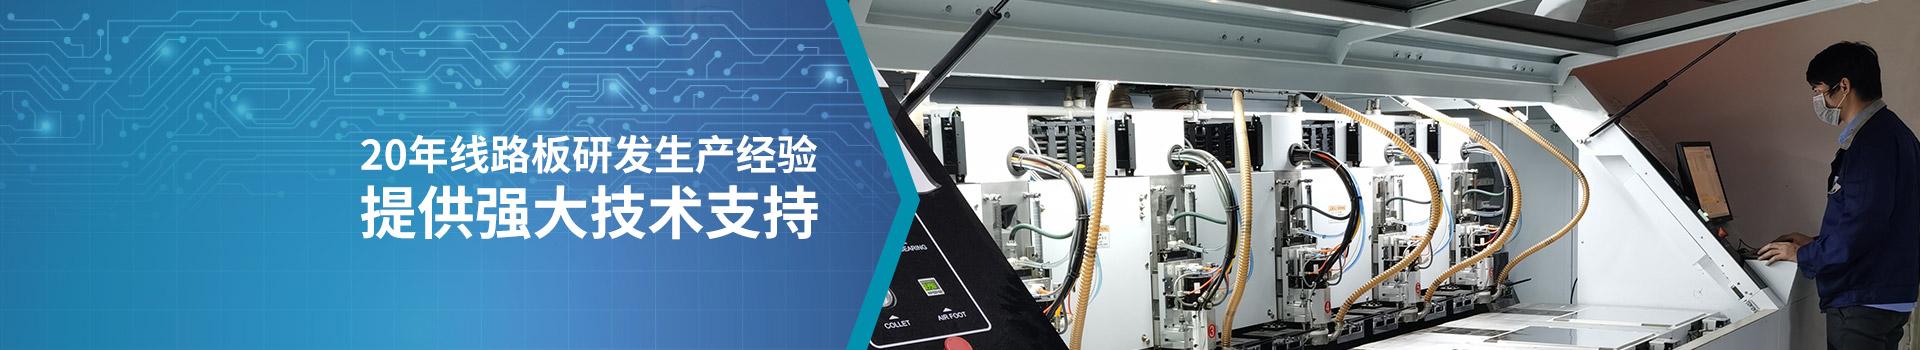 同创鑫-20年线路板研发生产经验